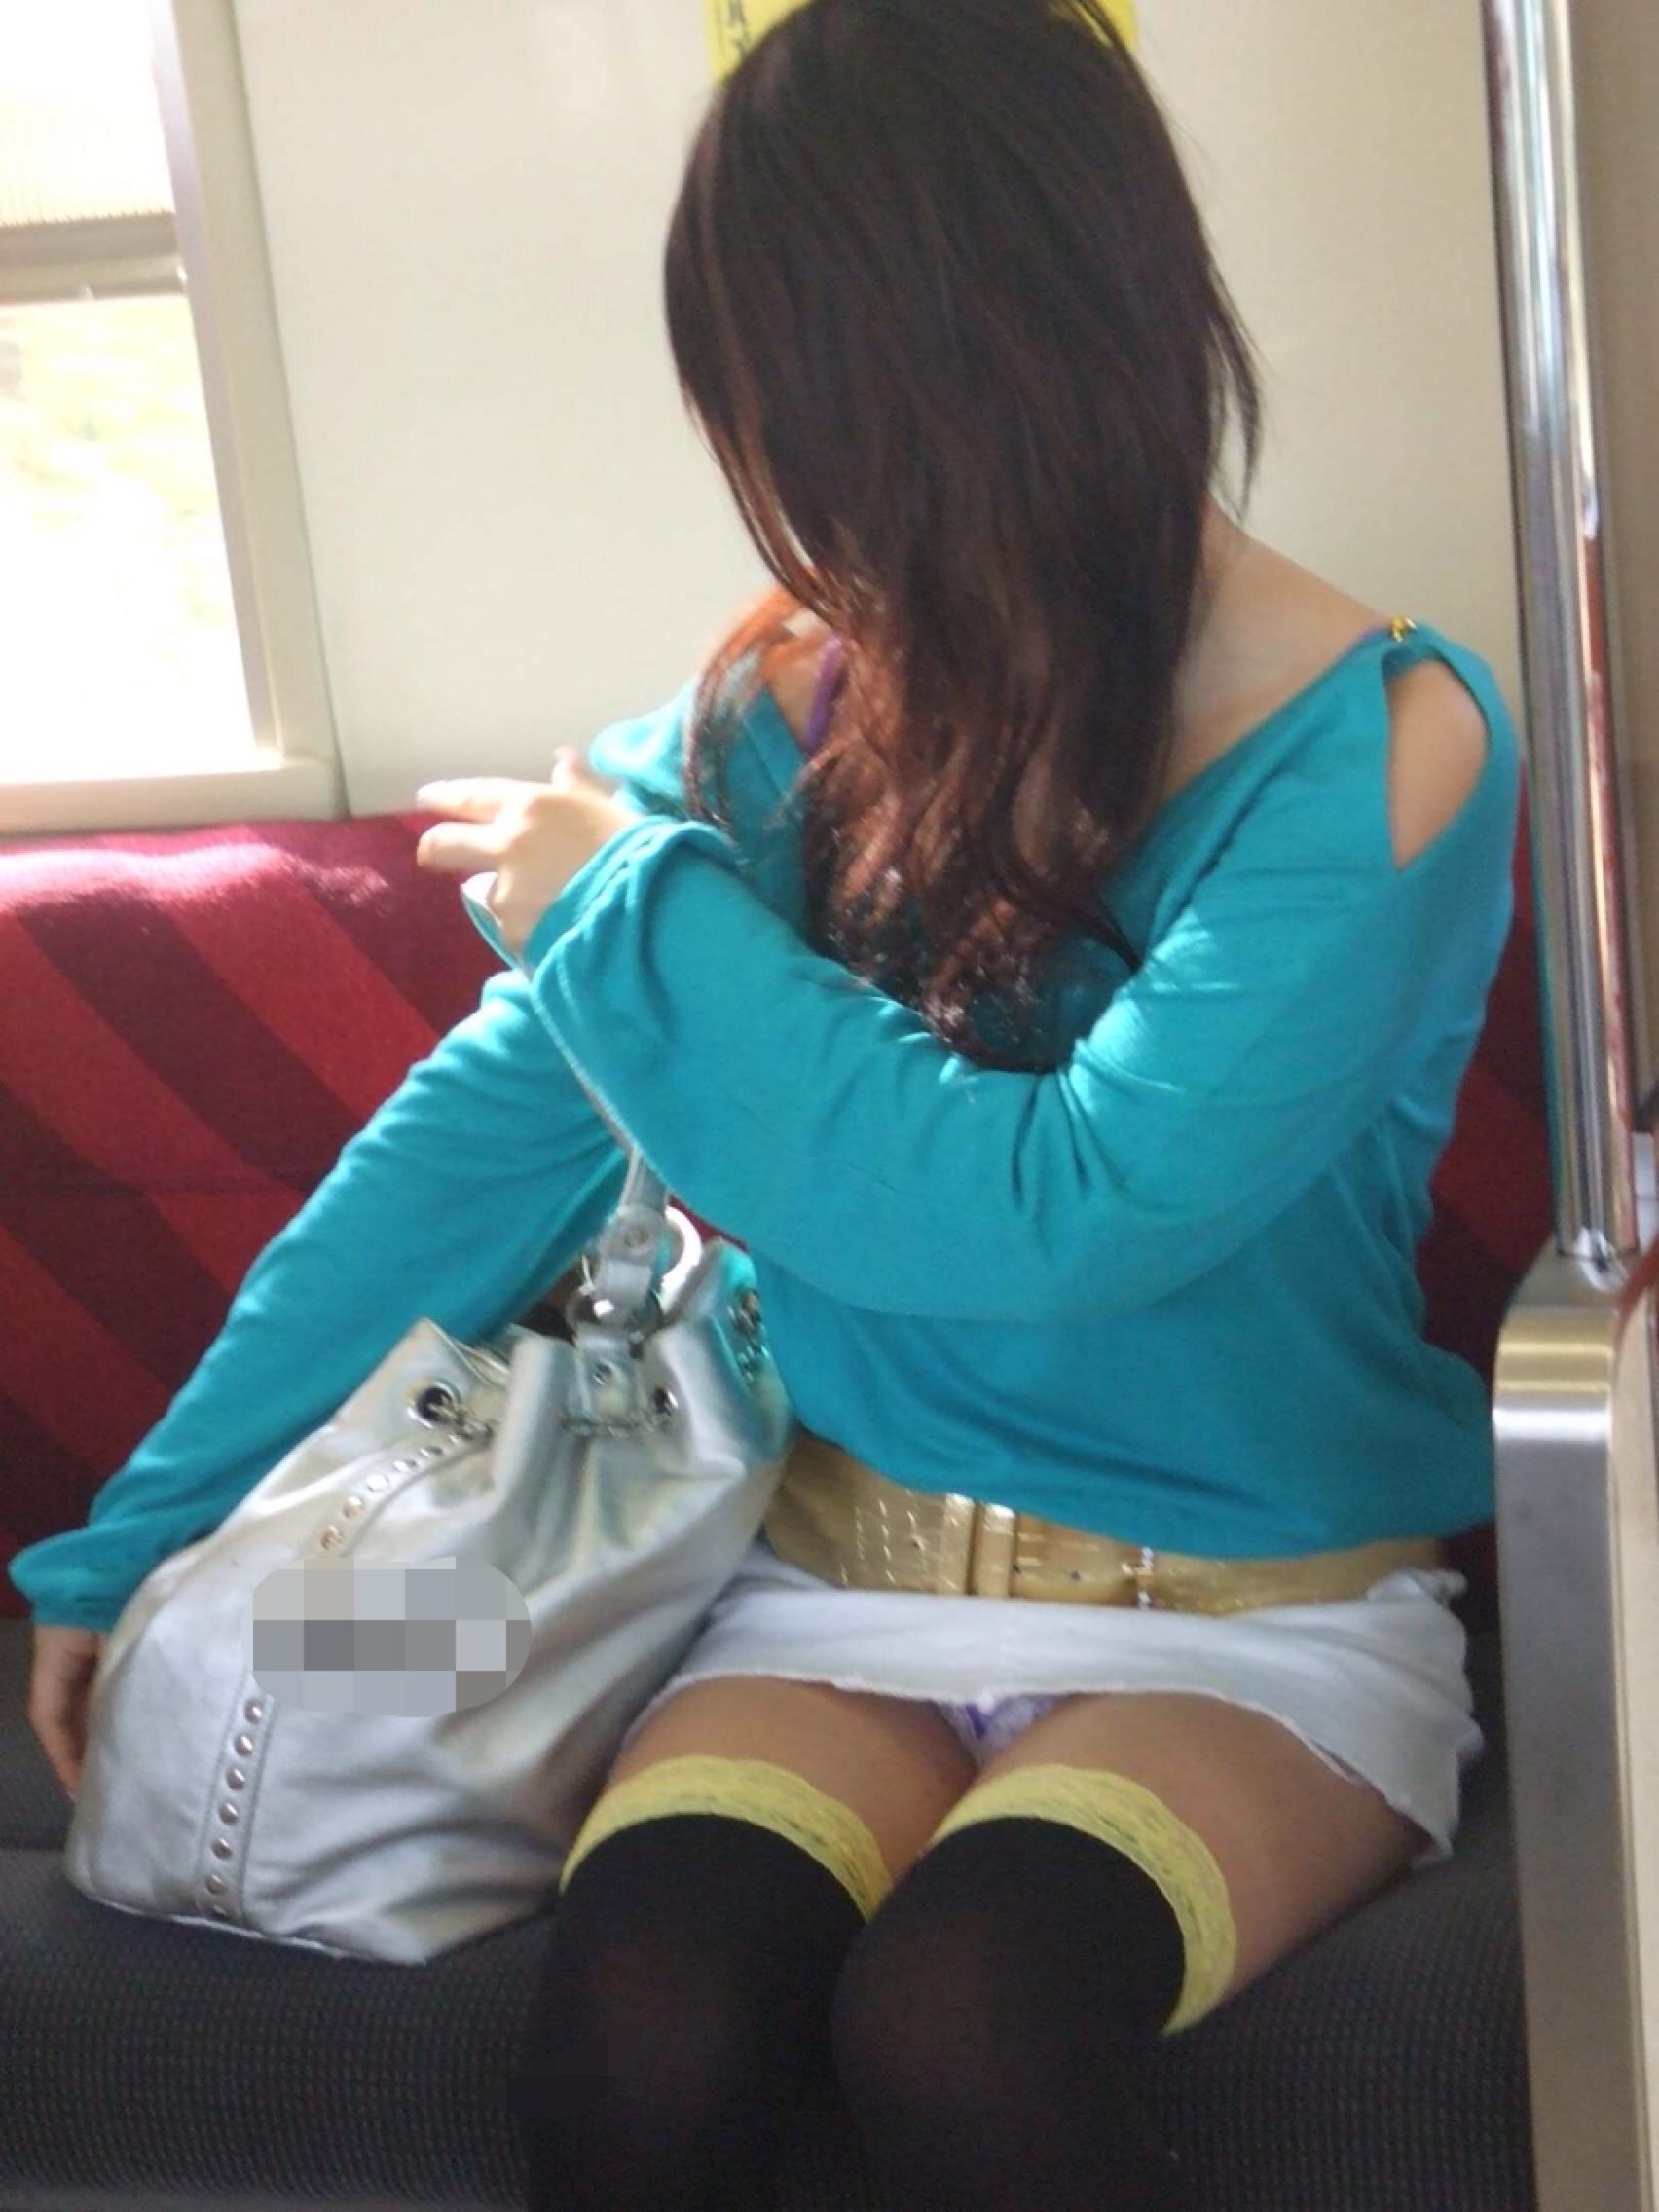 【パンチラエロ画像】対面に来い来いミニスカ…電車で待ち伏せミニスカパンチラwww 29